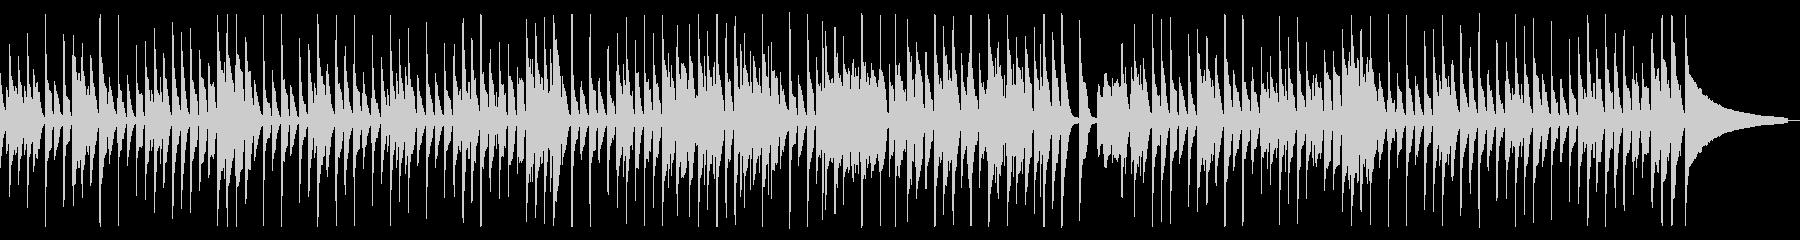 子猫が遊ぶ様子を描いた軽快なピアノバンドの未再生の波形